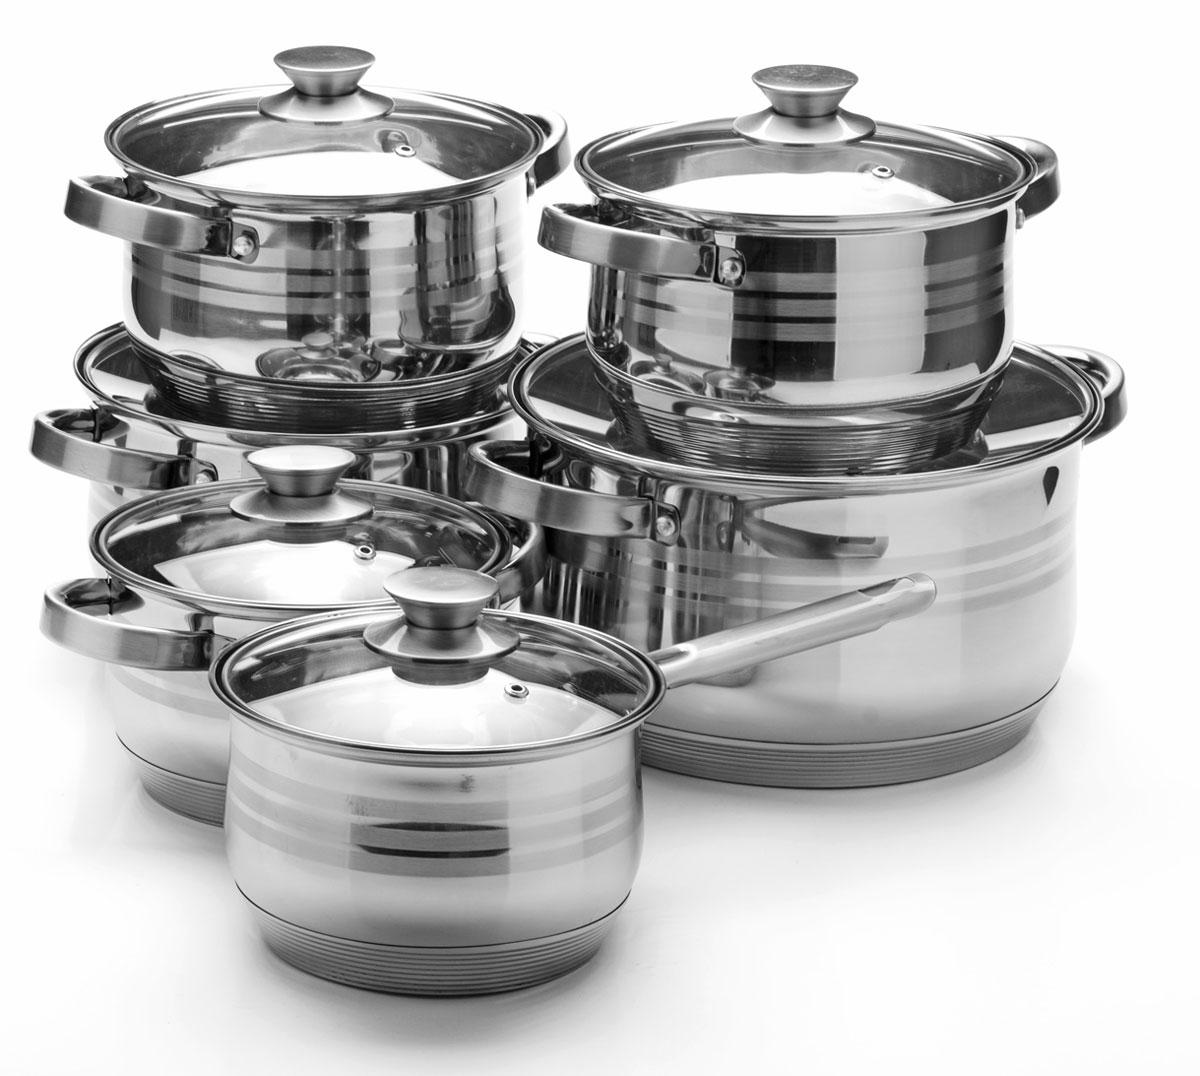 Набор посуды Mayer & Boch, 12 предметов. 2604426044Набор посуды Mayer & Boch состоит из 5 кастрюль с крышками и ковша с крышкой. Посуда выполнена из высококачественной нержавеющей стали с усиленным индукционным дном. Внешняя поверхность посуды с зеркальной полировкой декорирована матовыми полосками. Нержавеющая сталь - это экологически чистый, безопасный для здоровья материал, который не вступает в реакцию с продуктами и не искажает вкус приготовленных блюд. Изделия снабжены крышками из термостойкого стекла с отверстием для выхода пара и металлическим ободом, а также удобными стальными ручками, что придает посуде роскошный внешний вид. Многослойное дно обеспечит быстрый нагрев продуктов и надолго сохранит тепло. Посуда подходит для использования на газовых, электрических, стеклокерамических и галогеновых плитах, кроме индукционных. Подходит для мытья в посудомоечной машине. Диаметр кастрюль (по верхнему краю): 16 см; 18 см; 18 см; 24 см; 26 см. Высота стенки кастрюль:...